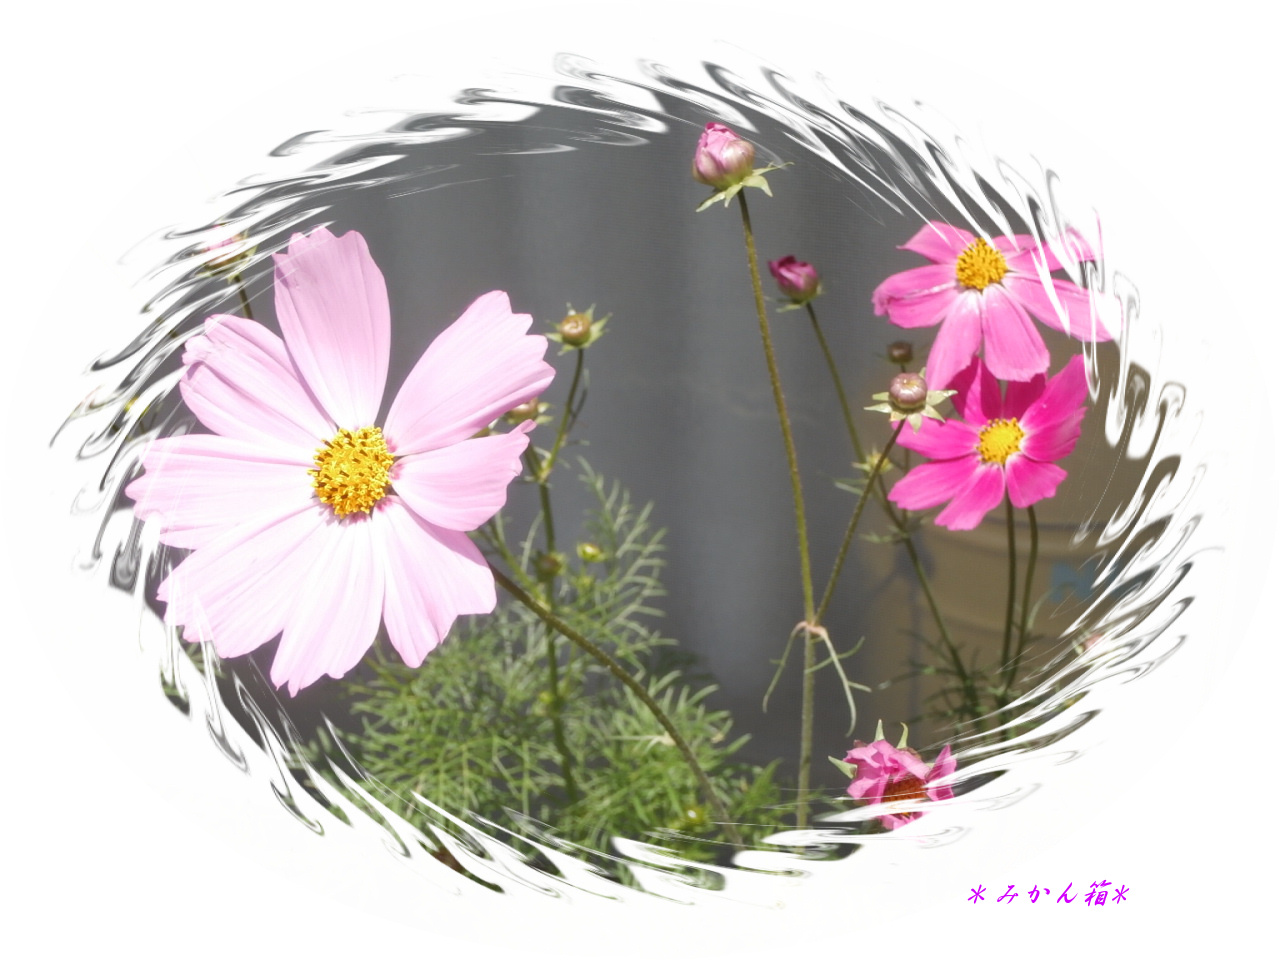 Dejikame0530_015_3